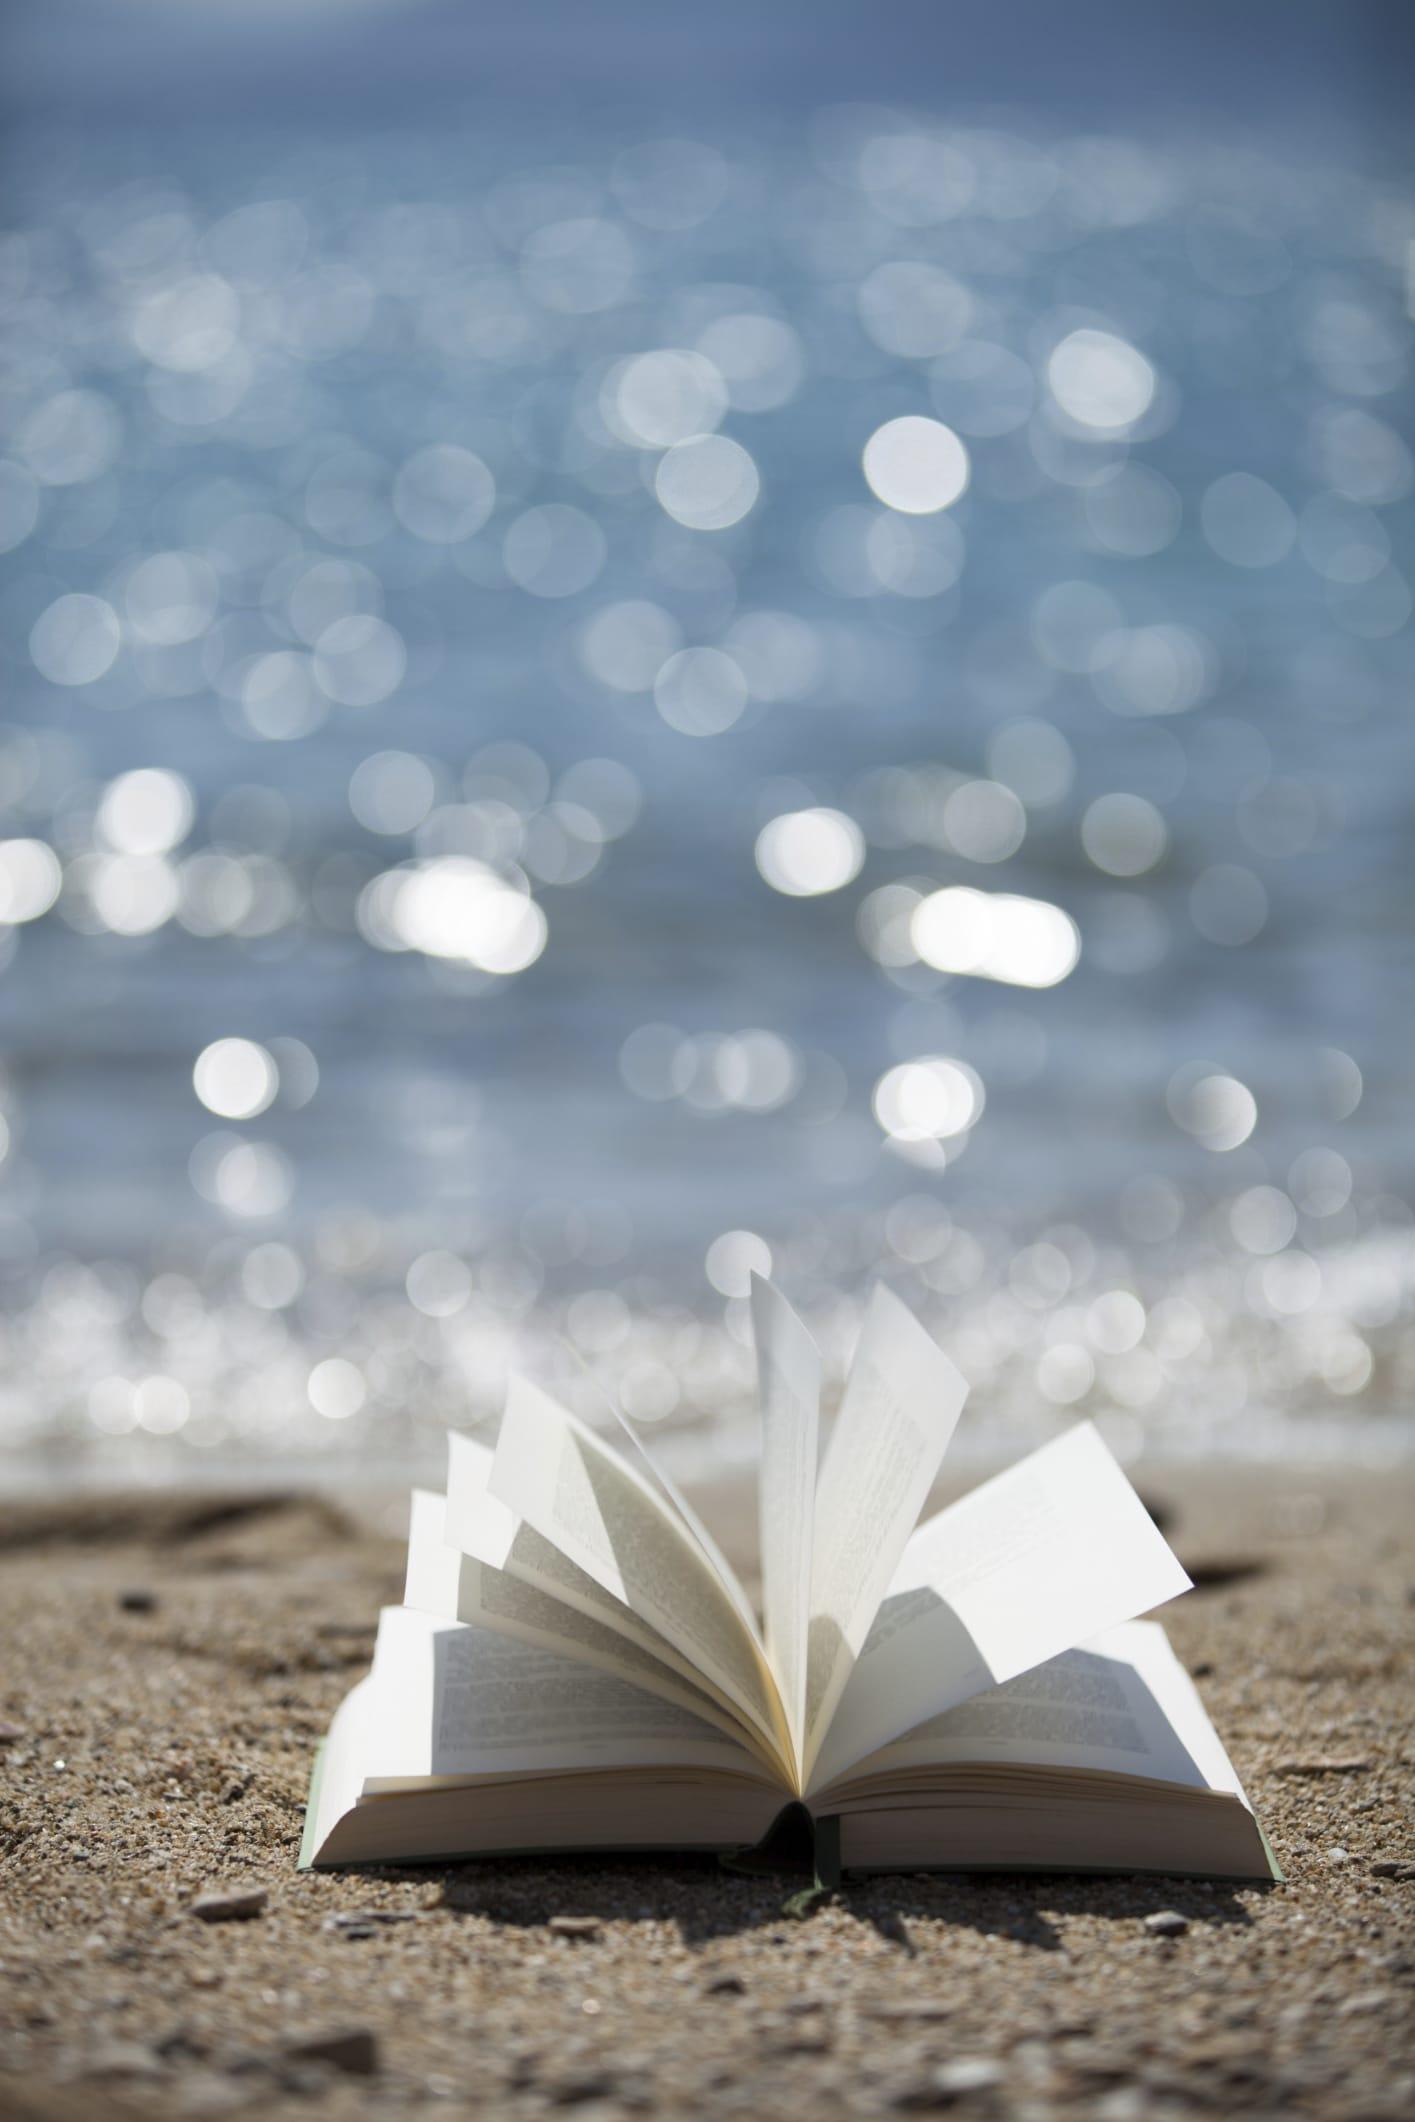 Libri da leggere in vacanza i consigli di lettura di slow for Libri da leggere